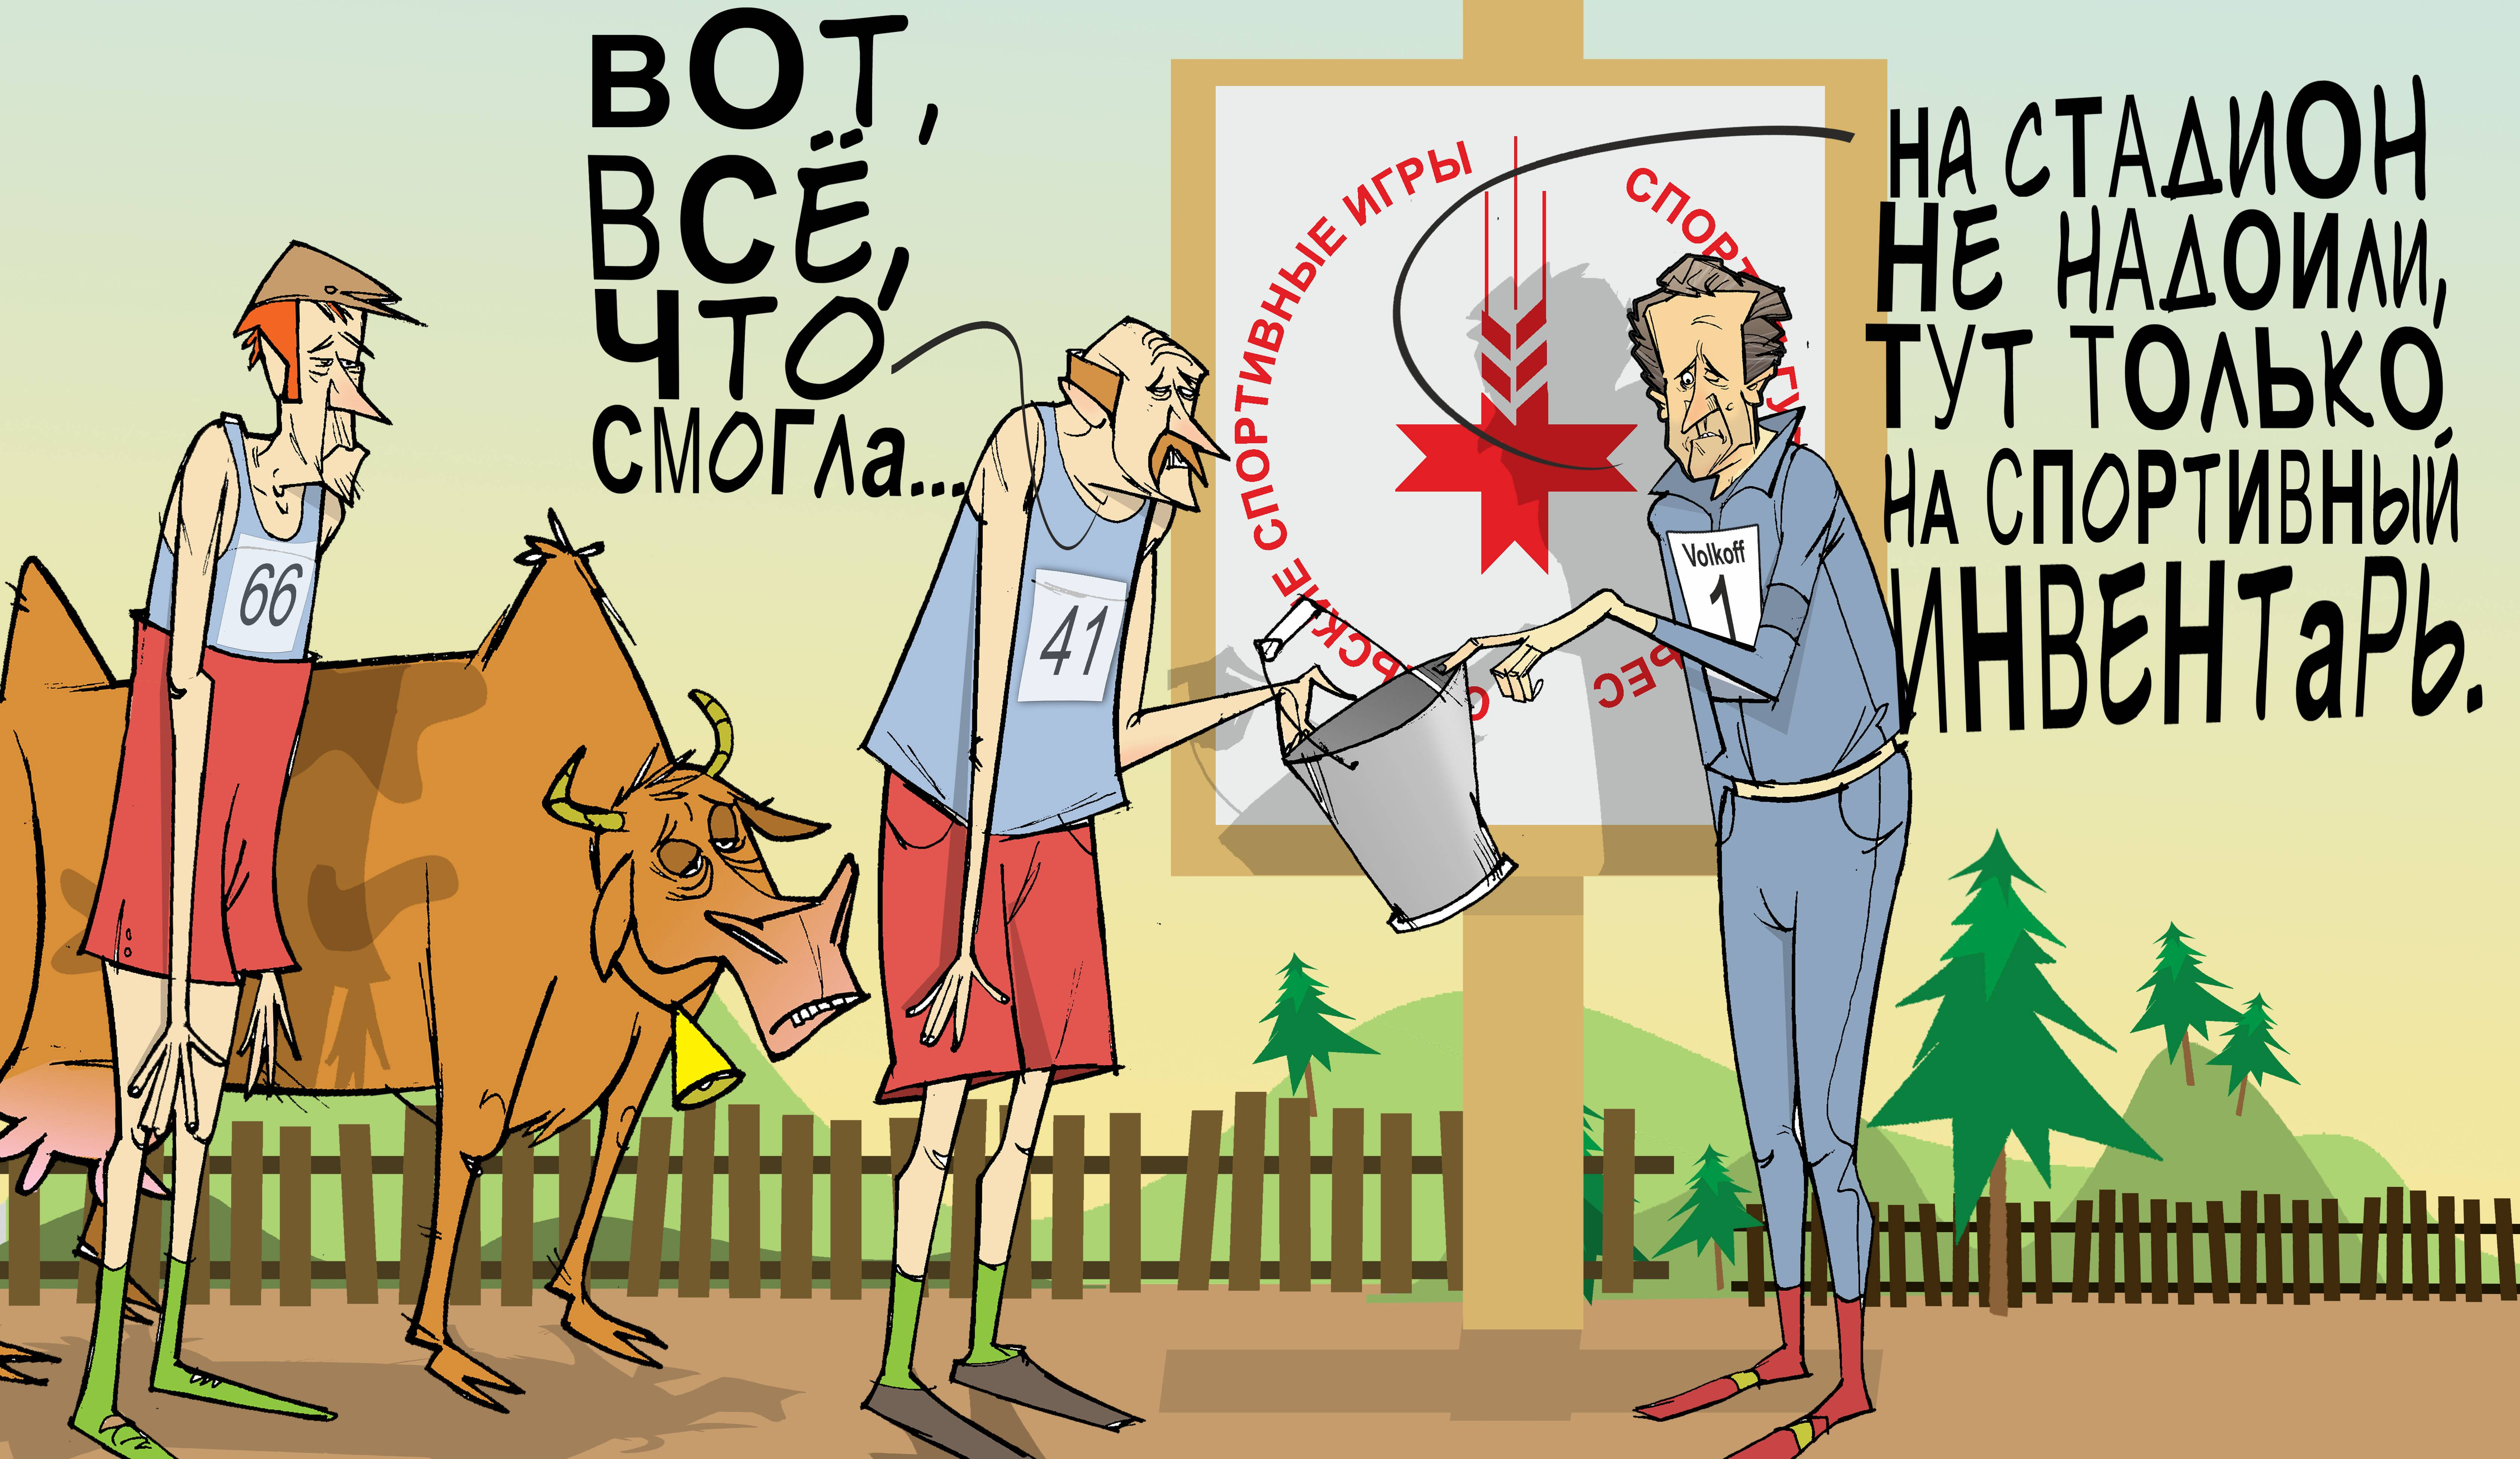 """А сколько корова даёт молока? #ПрезидентУР #Волков © Газета """"День"""" 2013"""